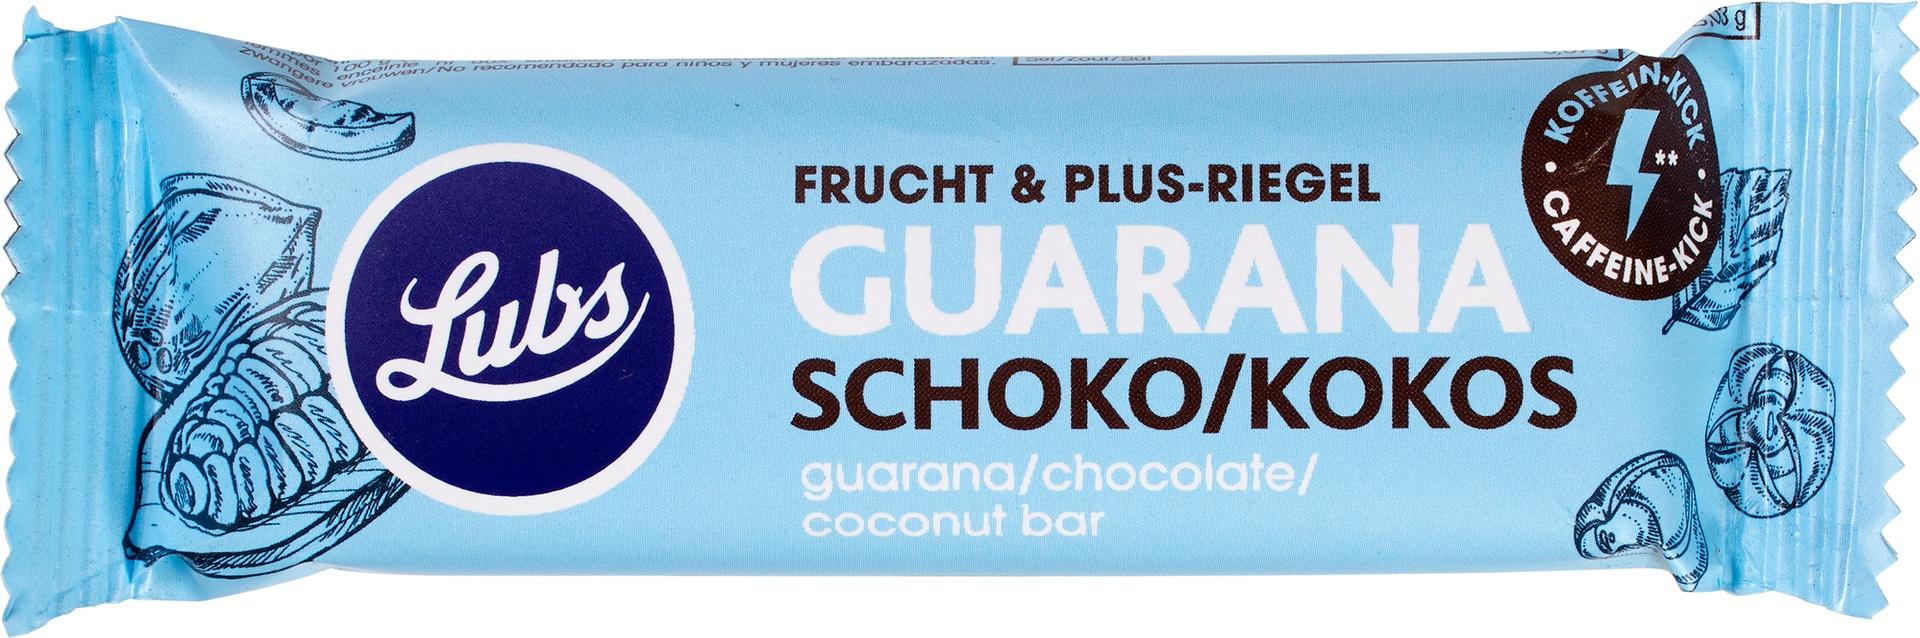 Biologische Lubs Fruitreep guarana 40 gr